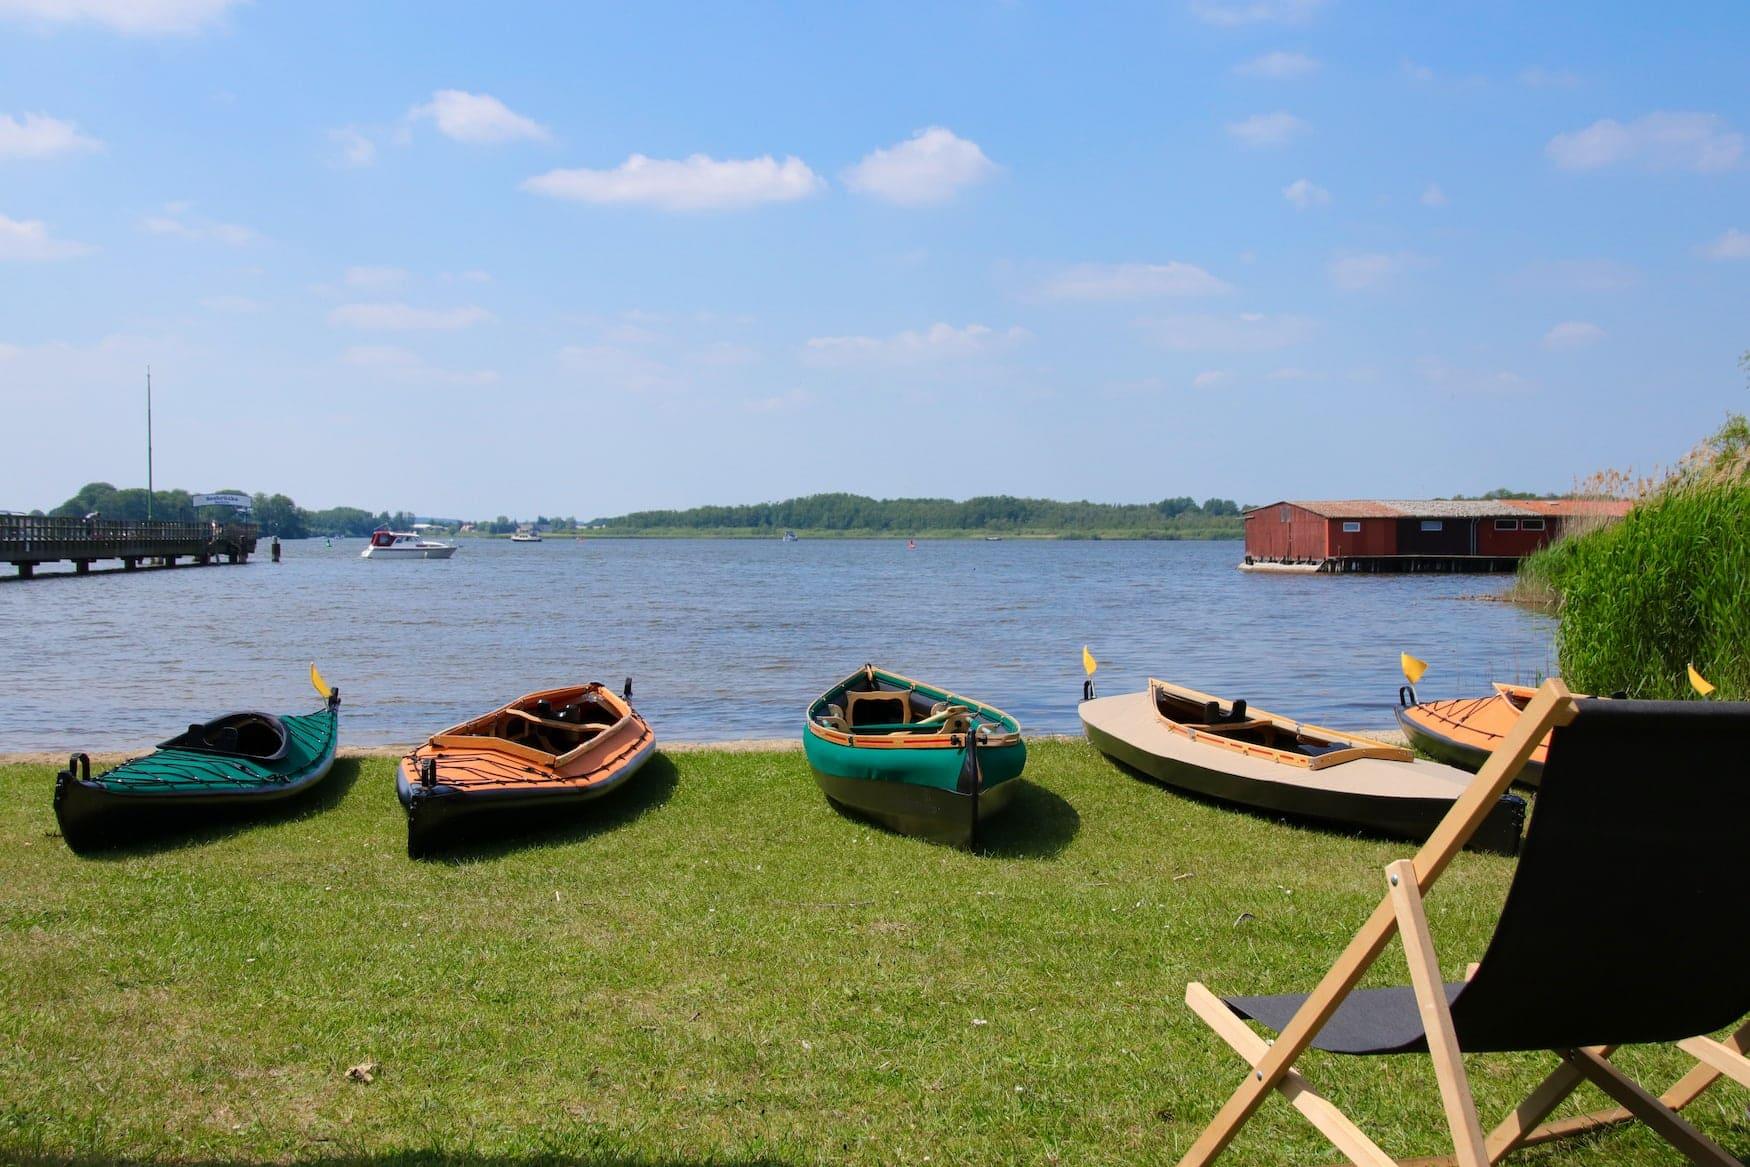 Paddelboote am Ufer der Mecklenburgischen Seenplatte im Müritz Nationalpark